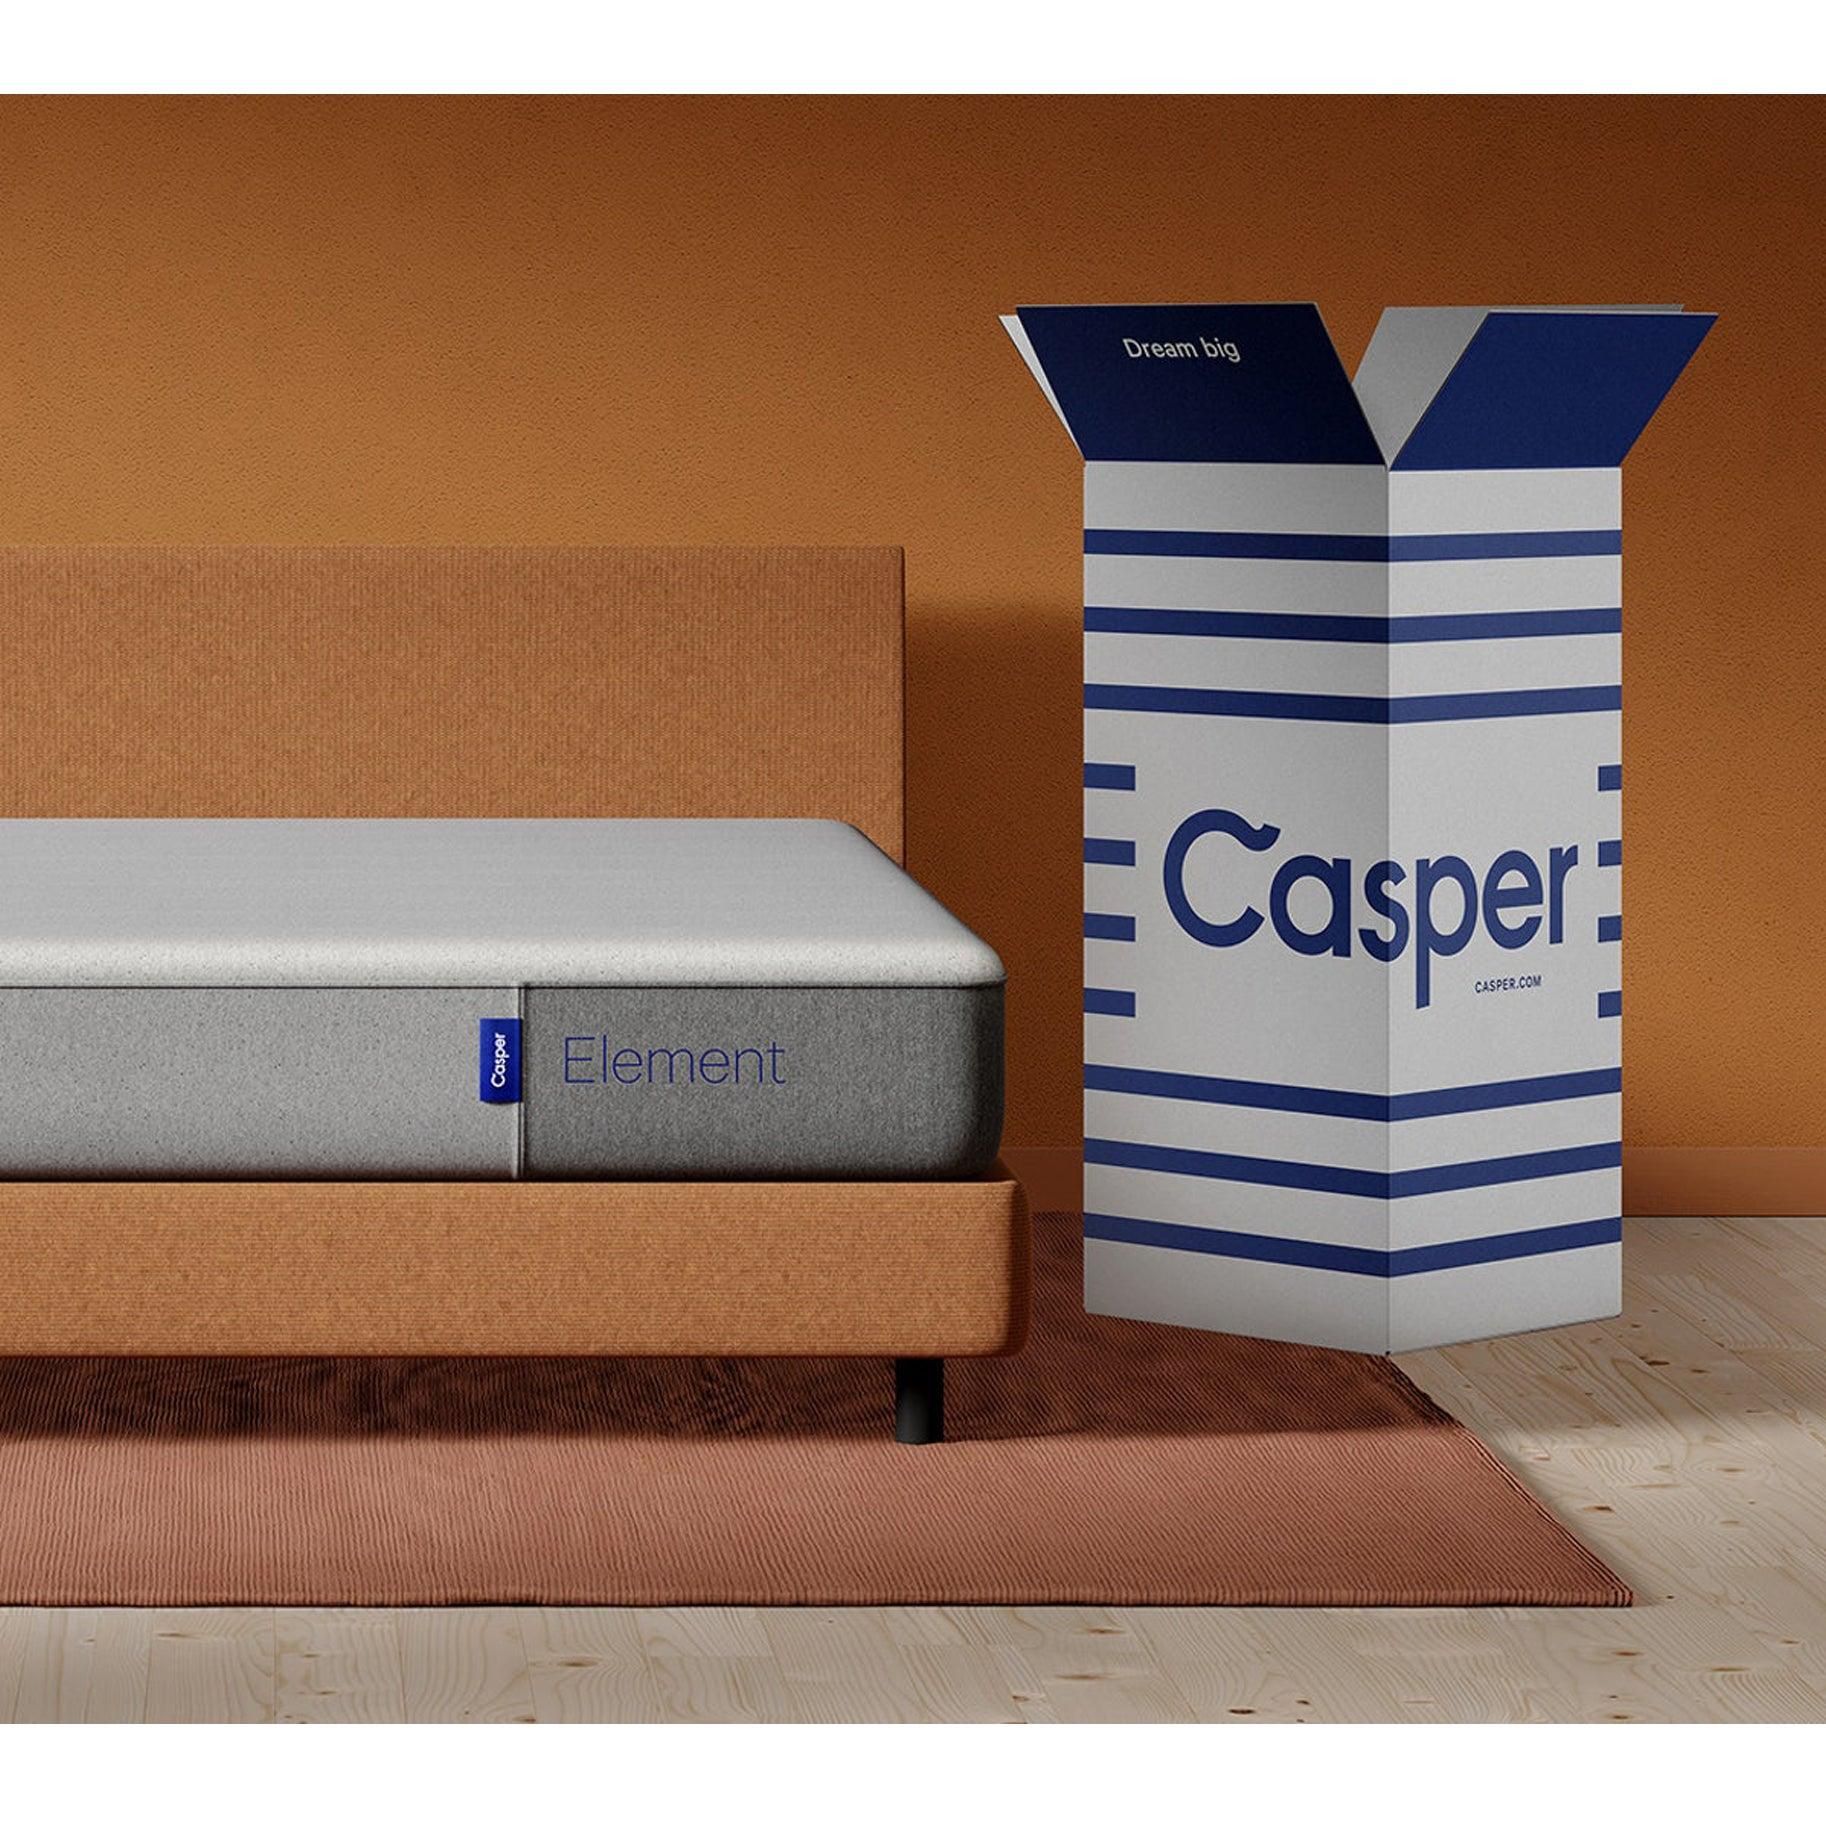 The Best Affordable Mattresses Option: Casper Element Mattress